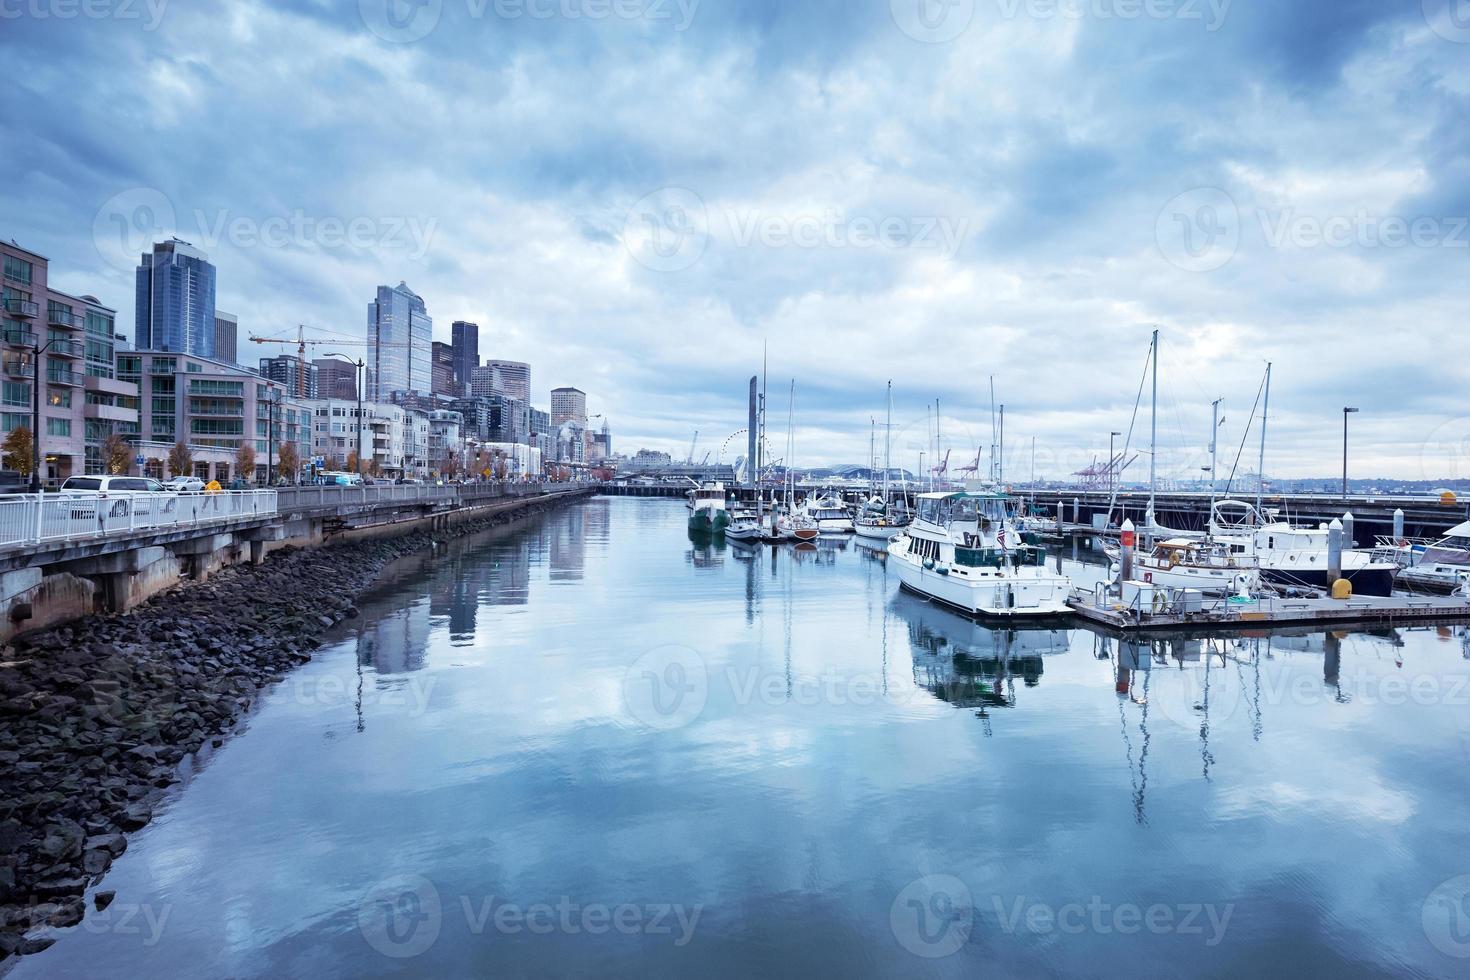 Parking voiliers dans la baie de la ville dans un ciel nuageux photo